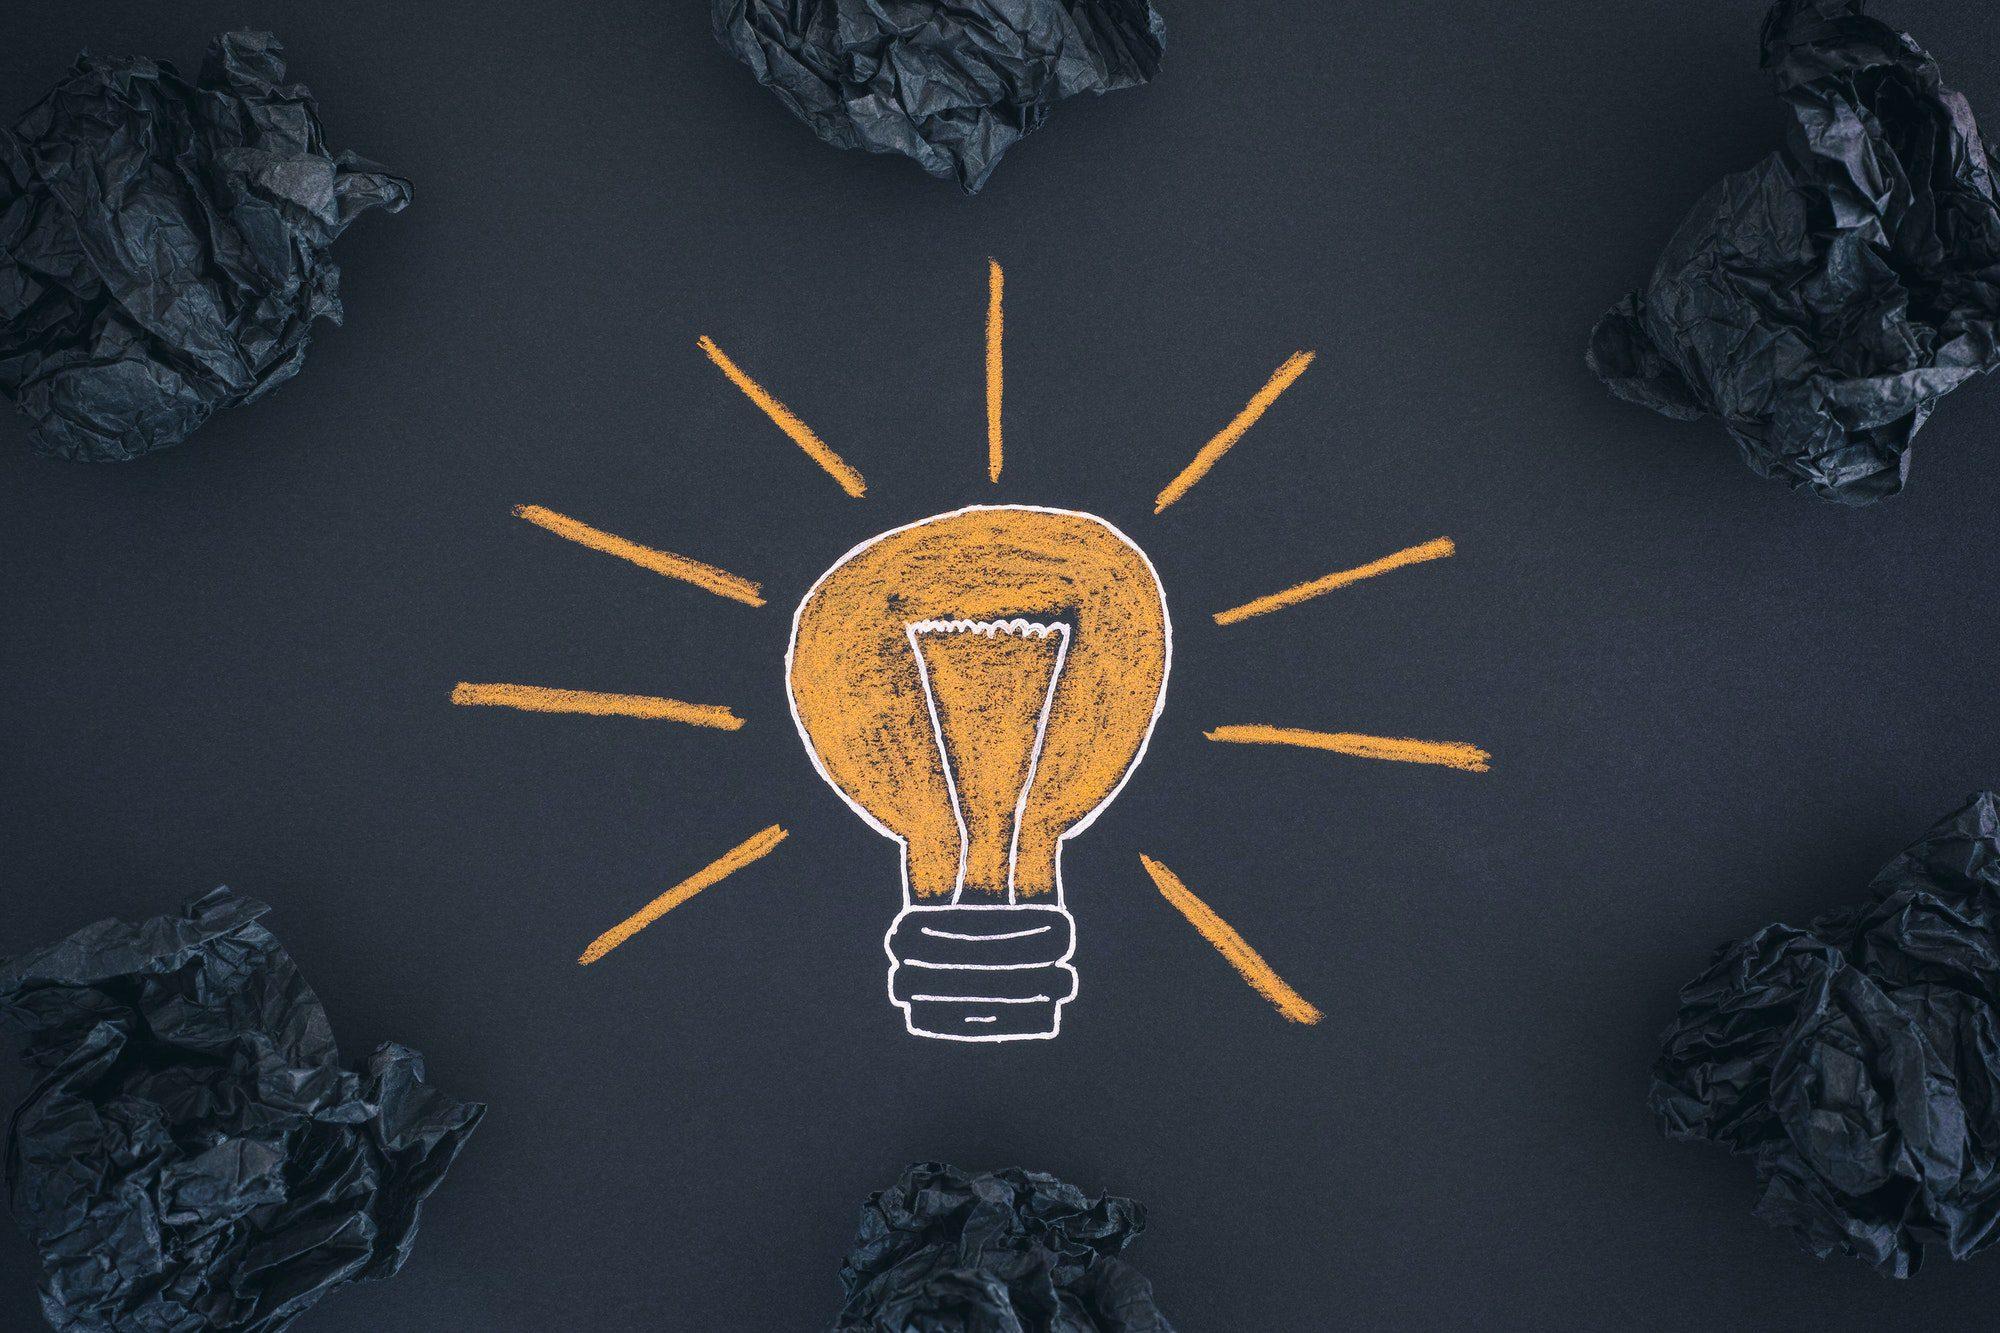 Aumenta la tua intelligenza con il microdosaggio